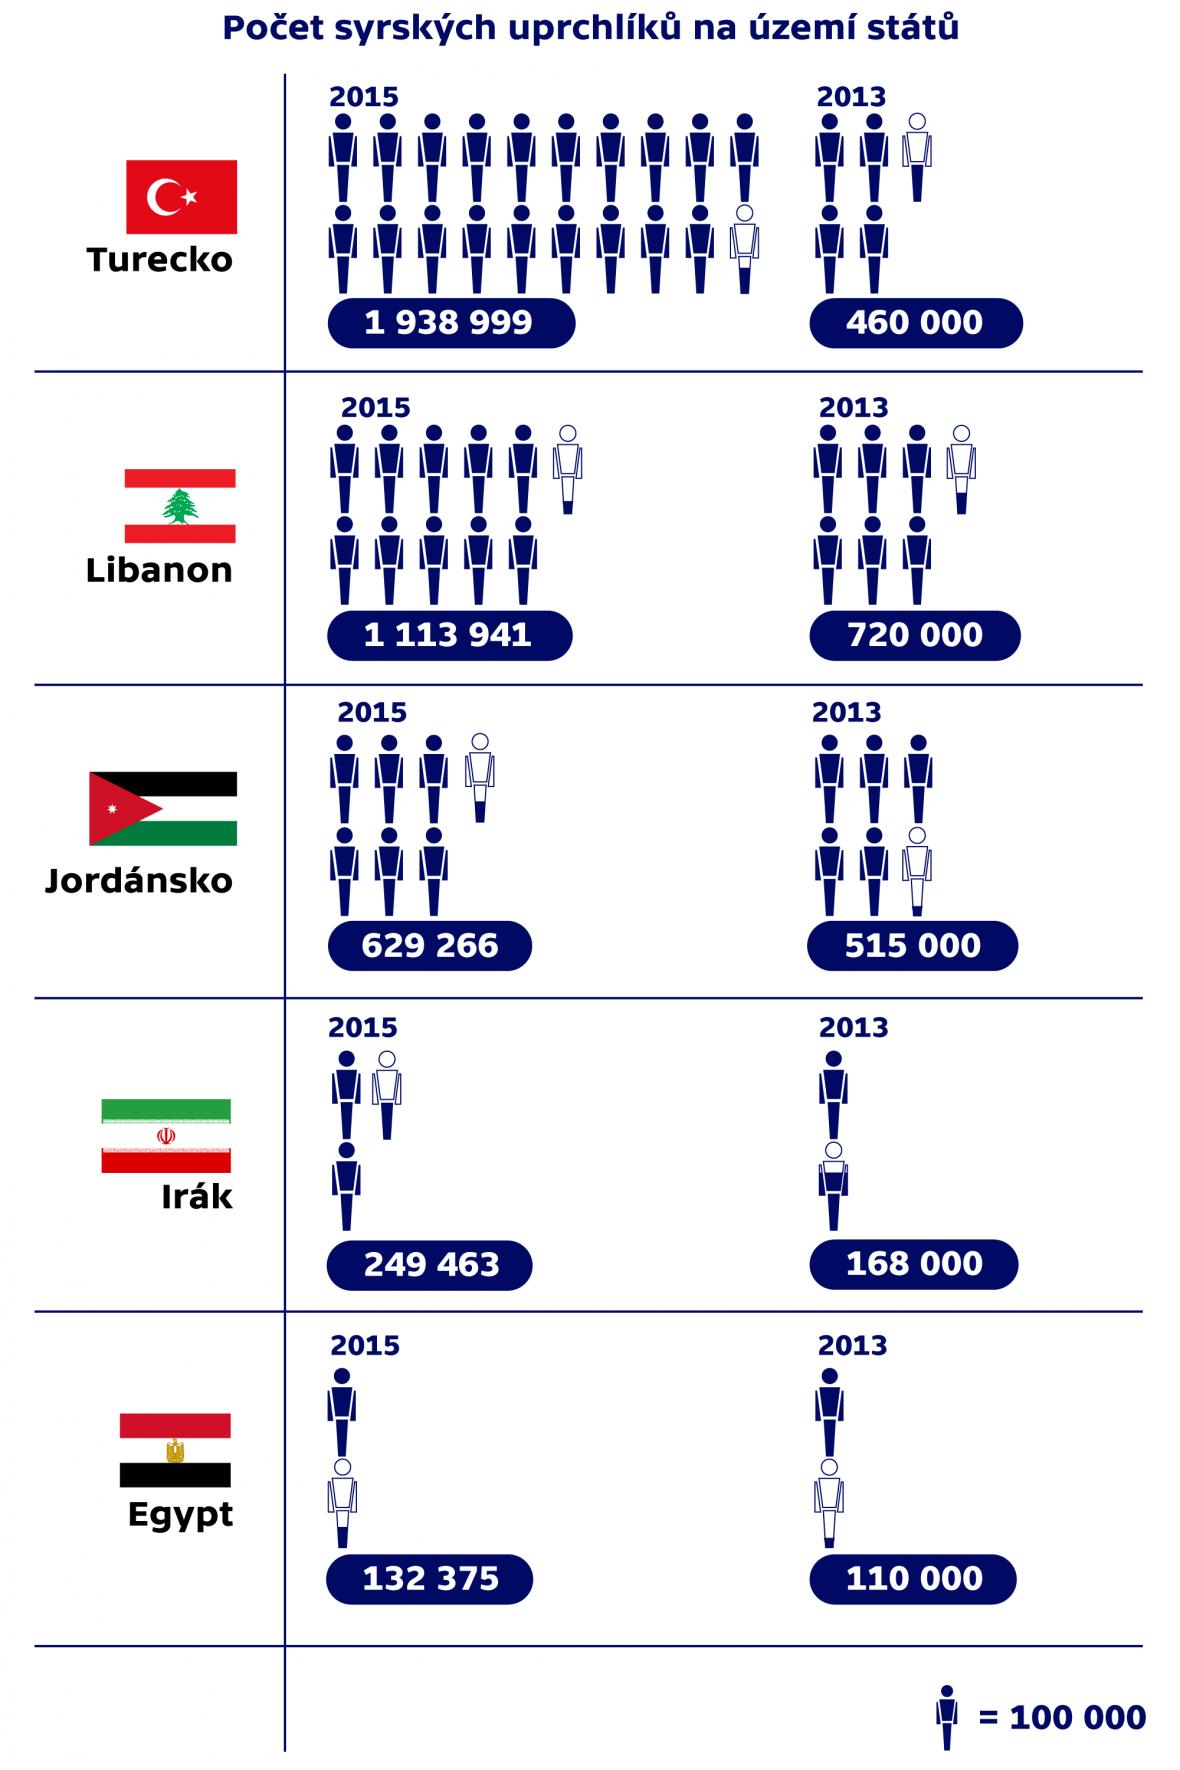 Počet syrských uprchlíků na území států